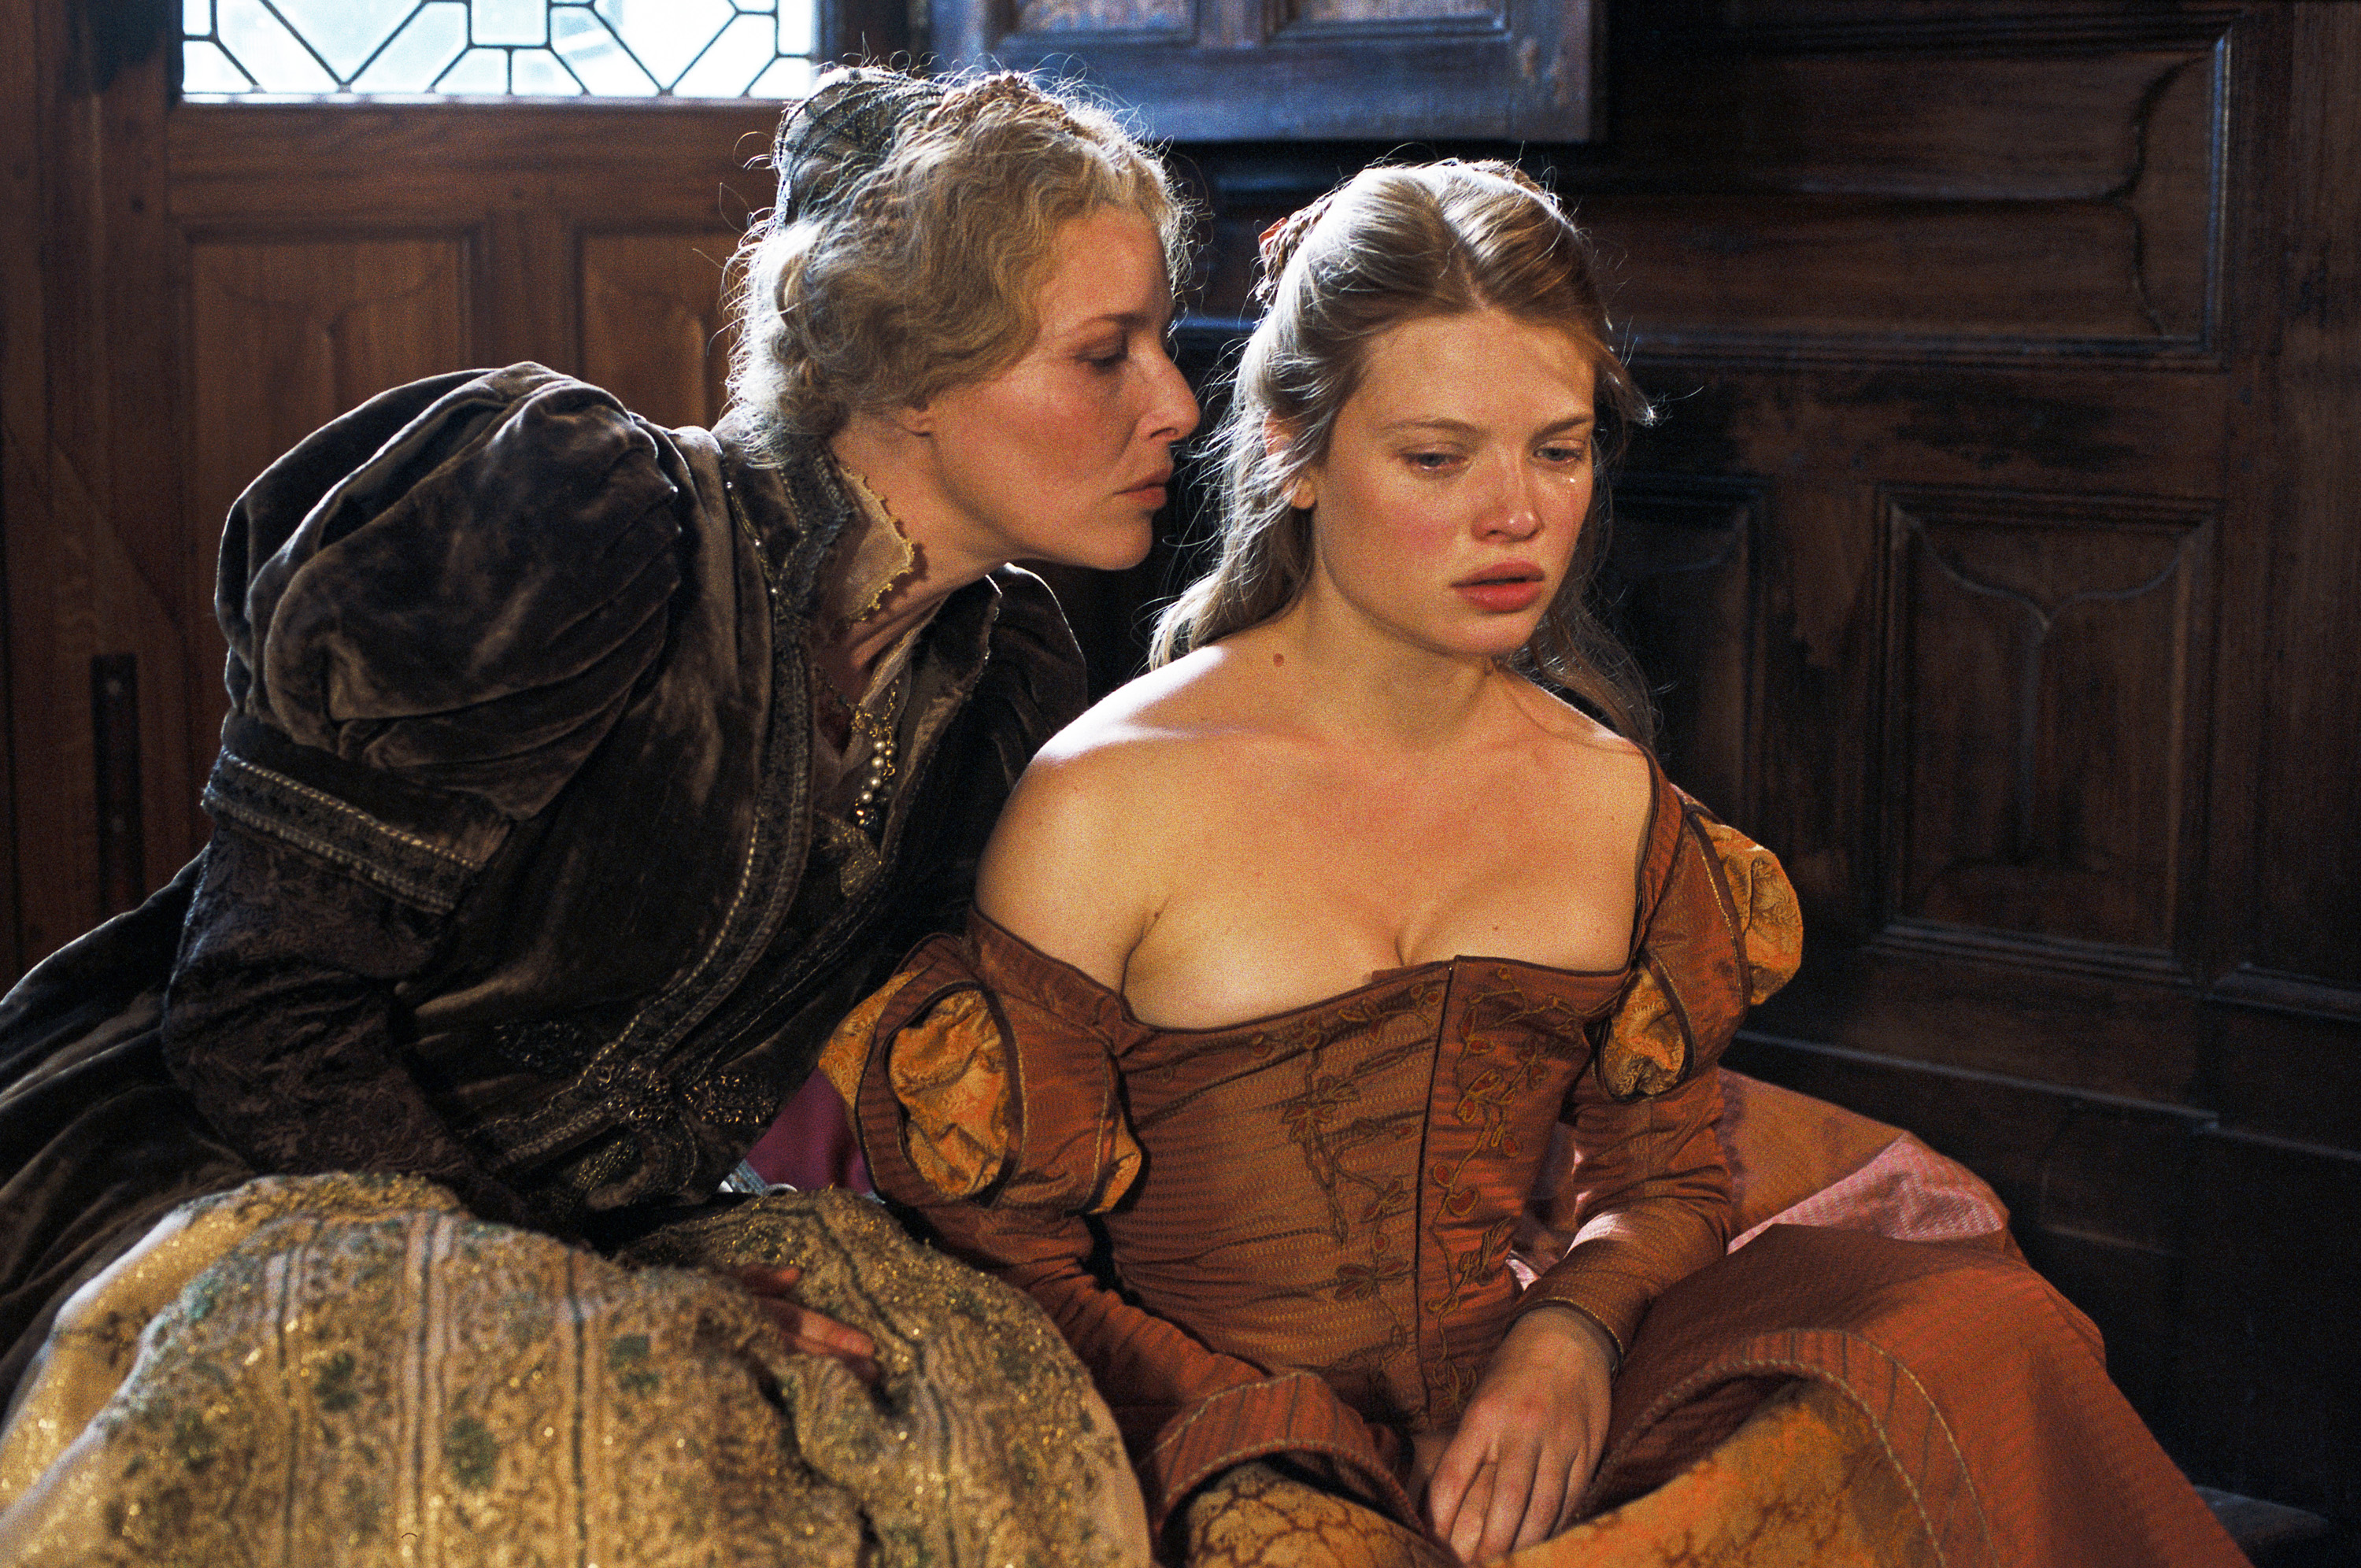 Смотреть секс с царицей, Джессика - императрица похоти (с русским переводом) 6 фотография